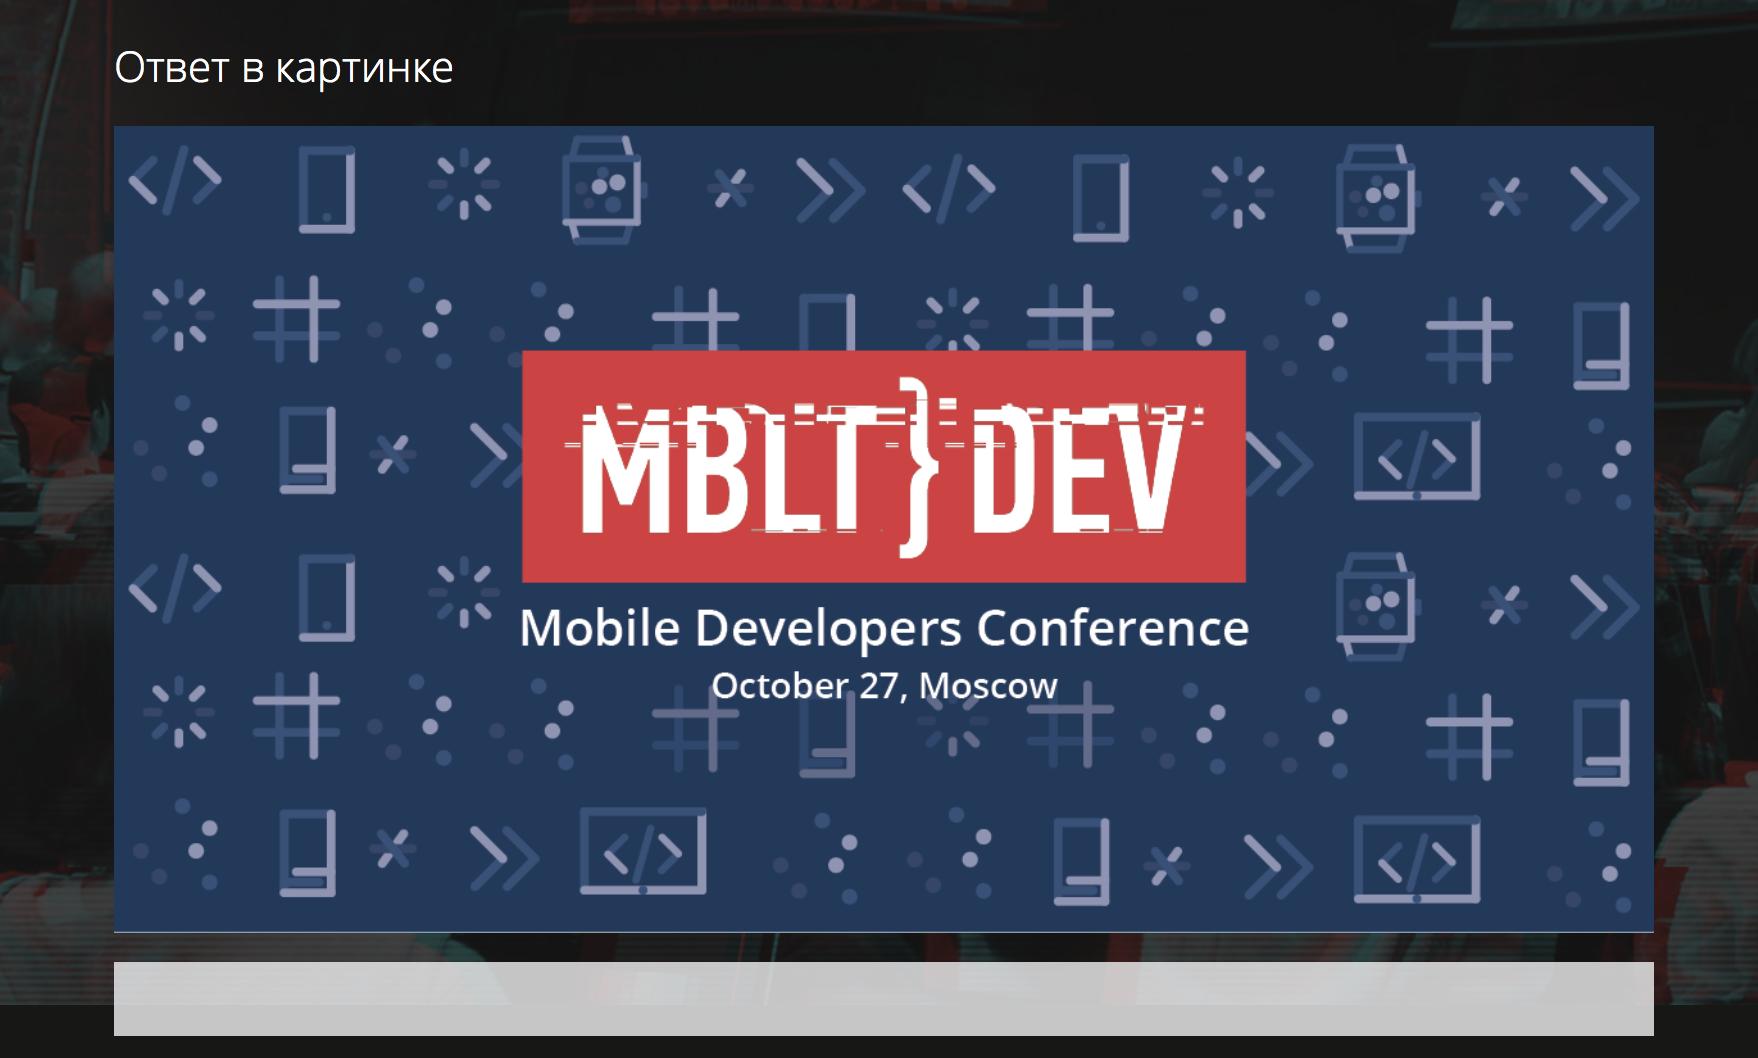 Онлайн-квест от MBLTdev: призы и ответы - 12